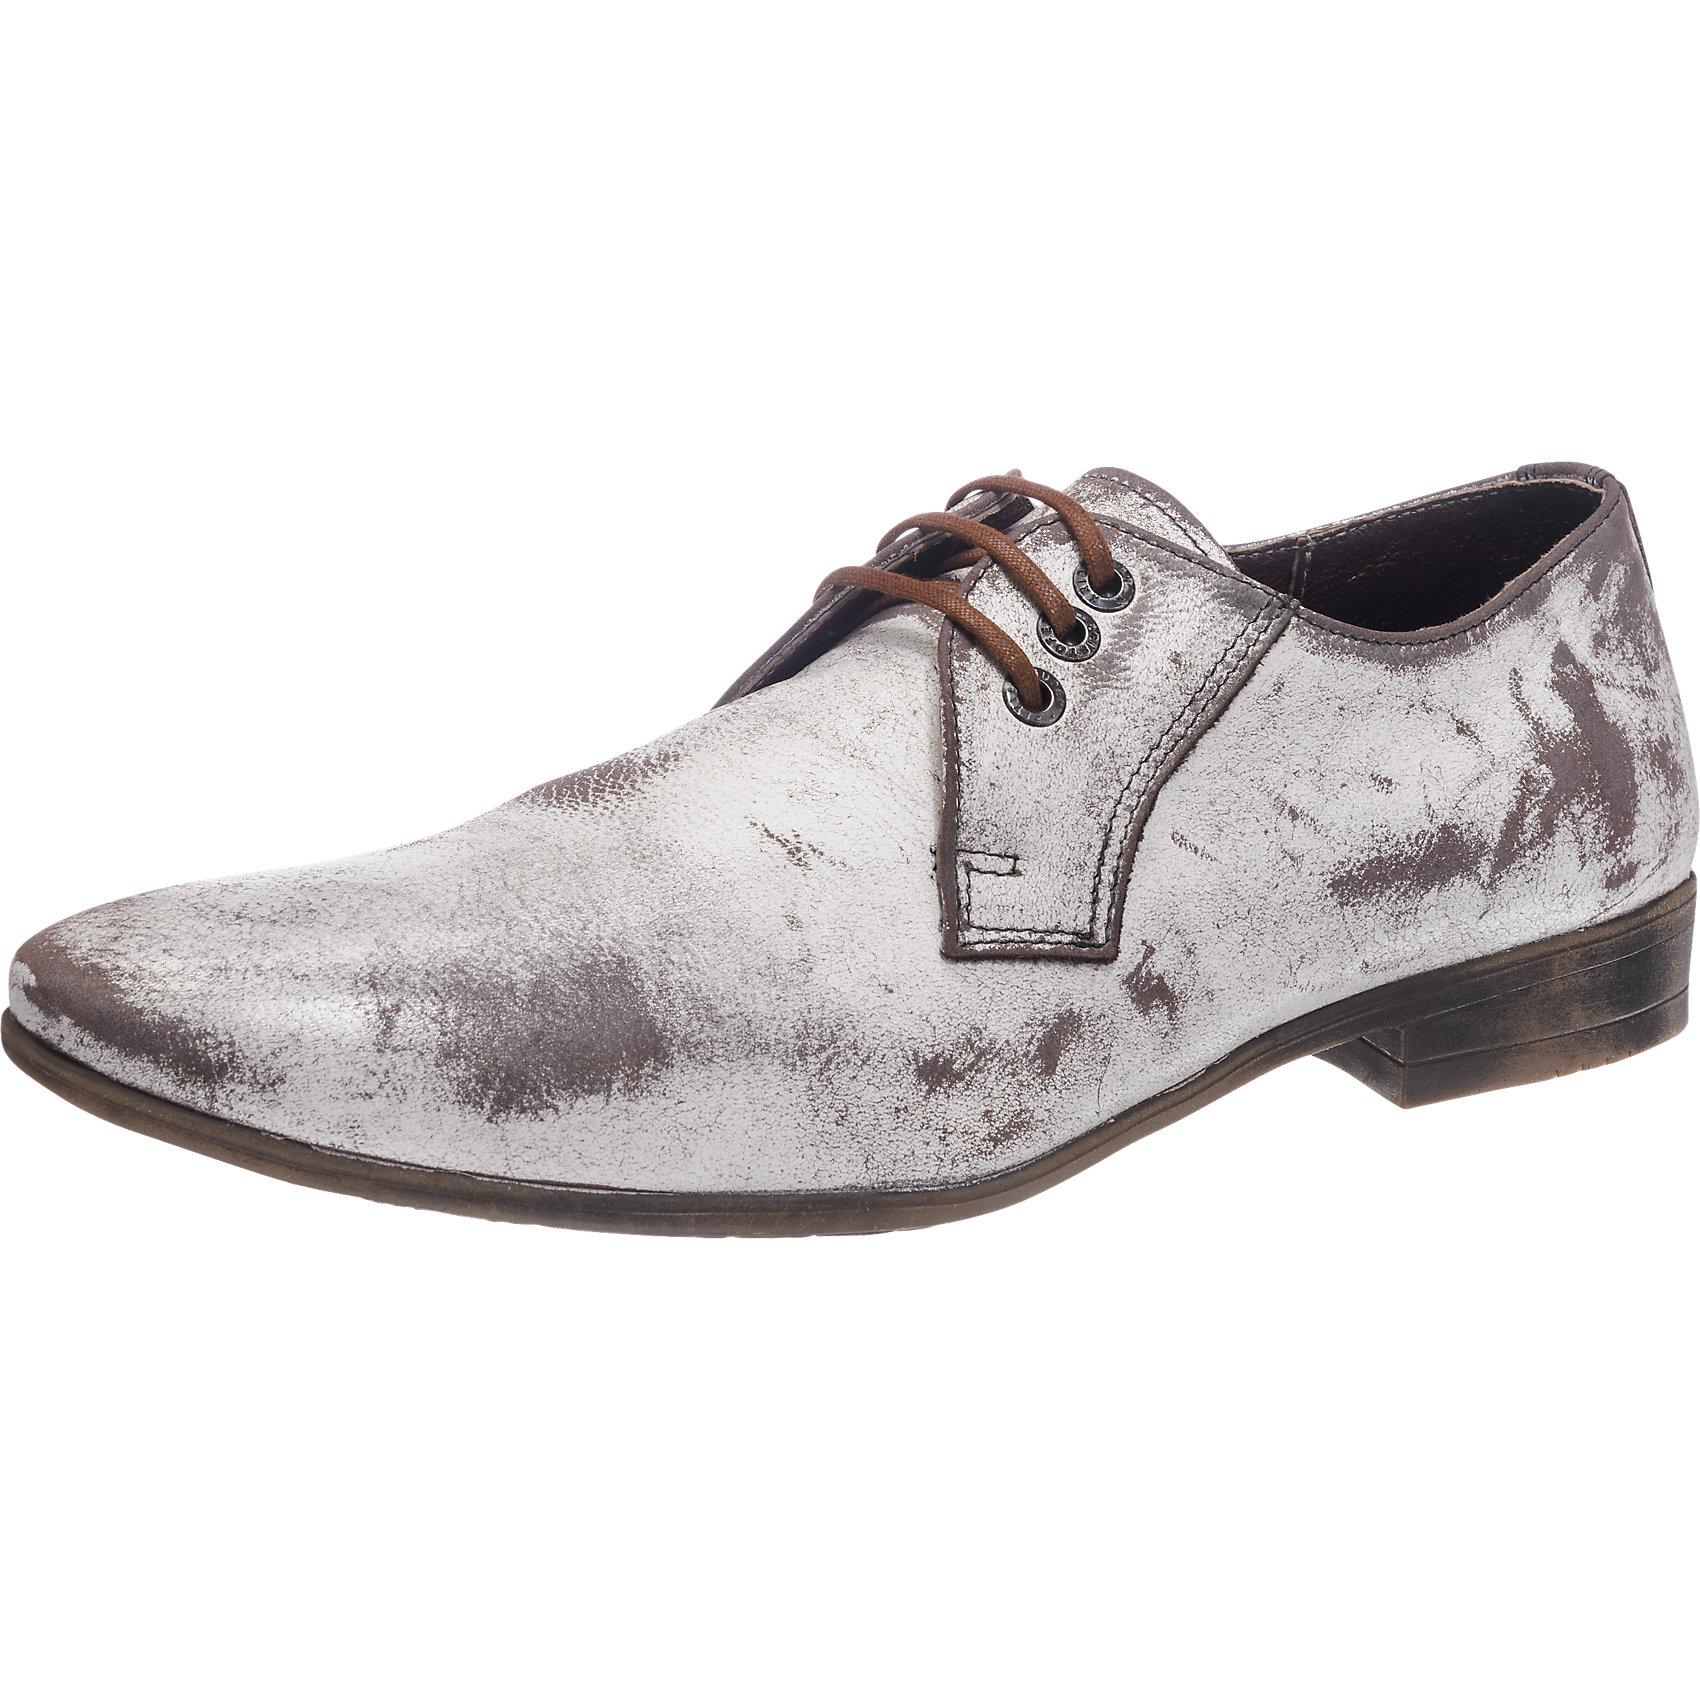 huge discount 18e41 e1099 Details zu Neu Kristofer Business Schuhe 5769264 für Herren grau